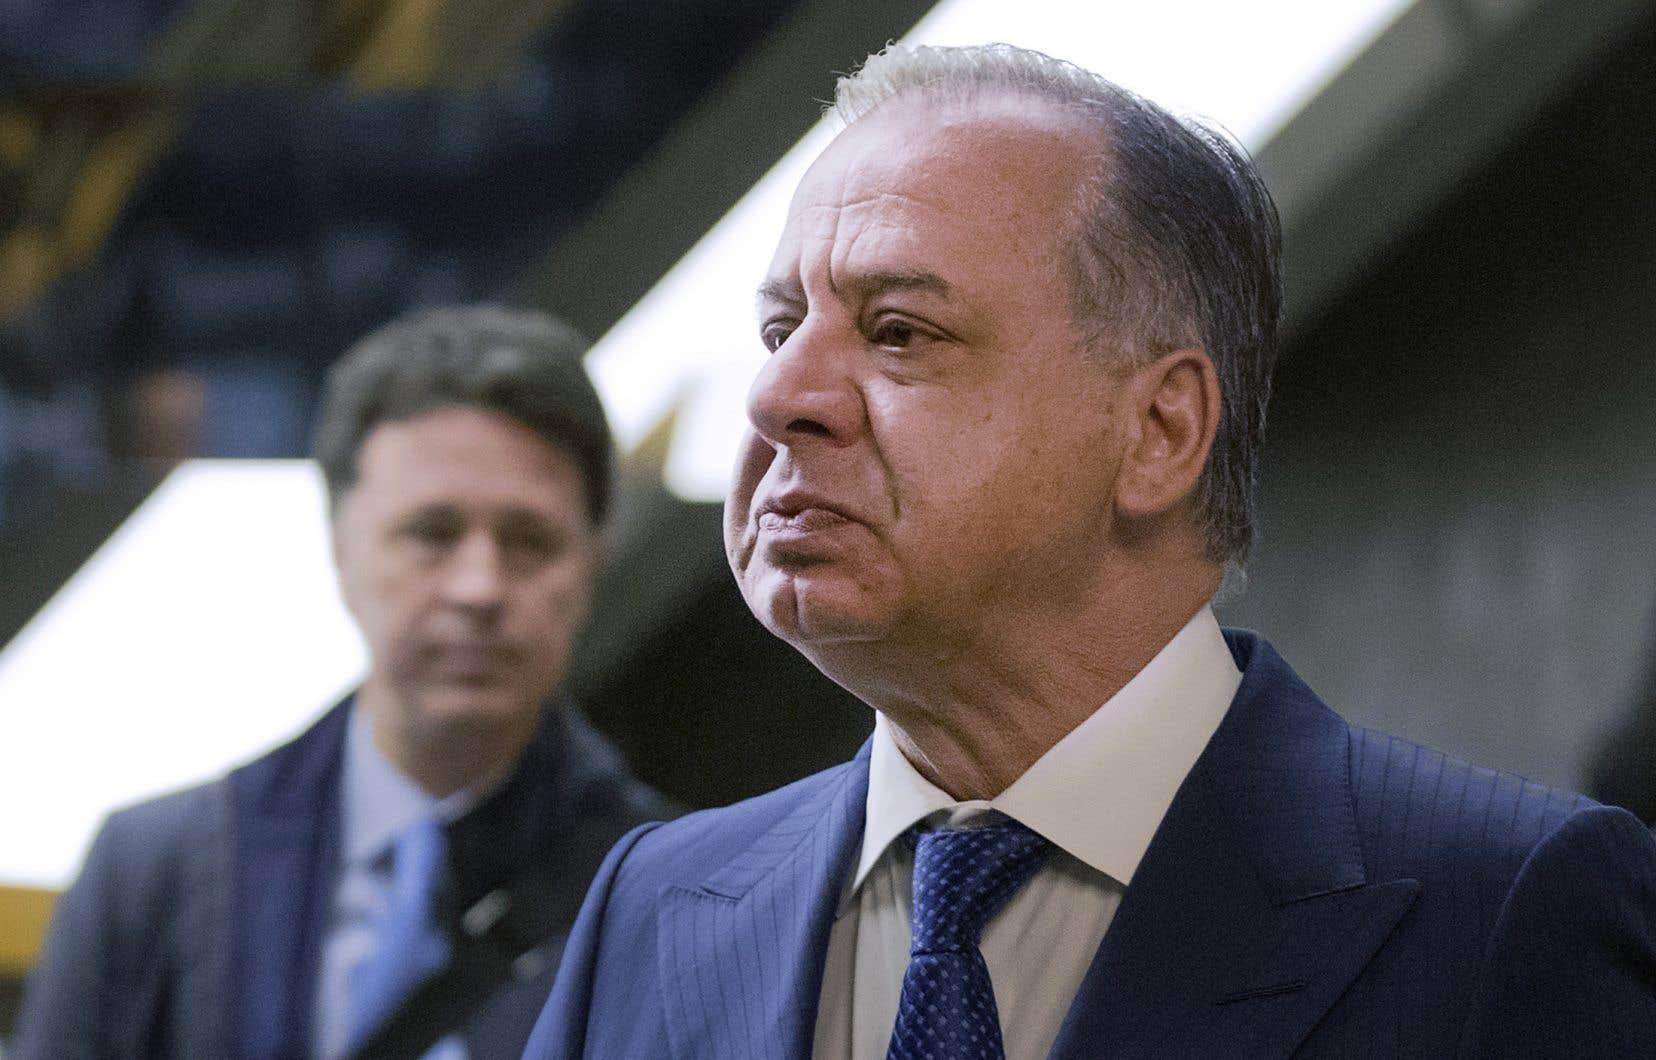 Deux ans et demi après le rapport final de la commission Charbonneau, l'acquittement des coaccusés dans l'affaire Contrecœur, dont Paolo Catania (photo) et Frank Zampino, accusés de fraude, de corruption et d'abus de confiance, a été prononcé mercredi.